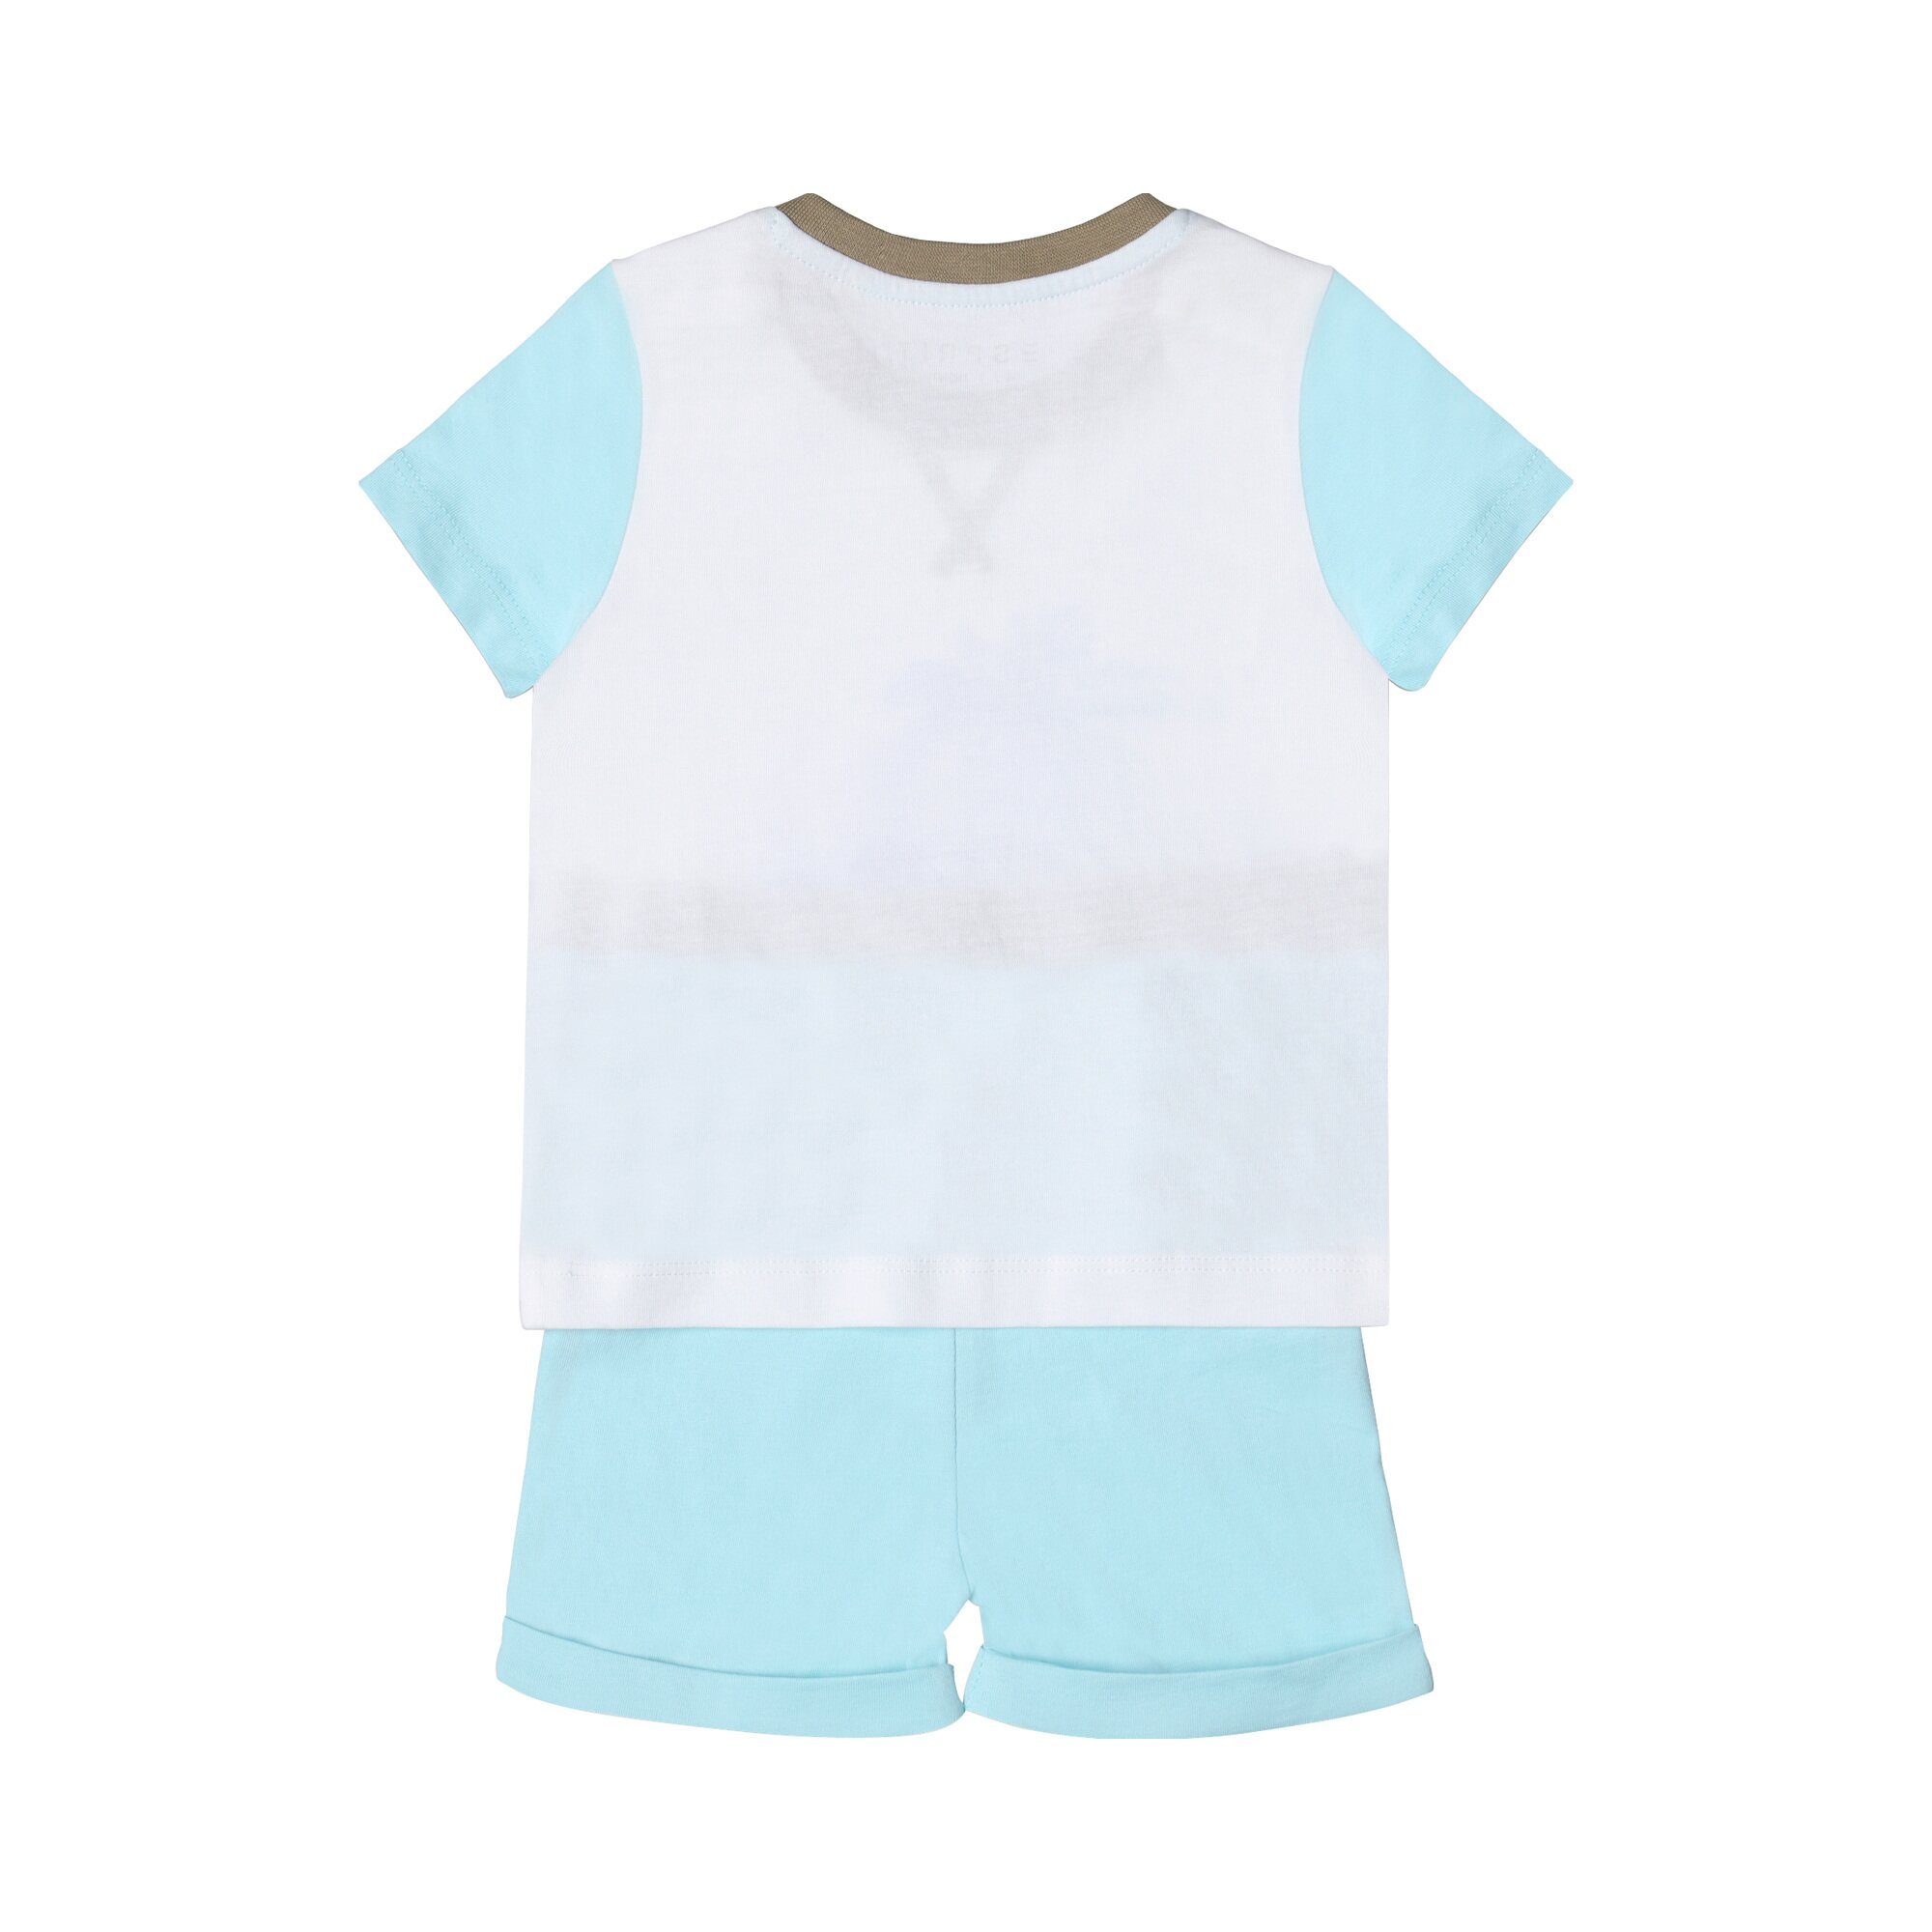 esprit-2-tlg-set-t-shirt-und-shorts-palmen